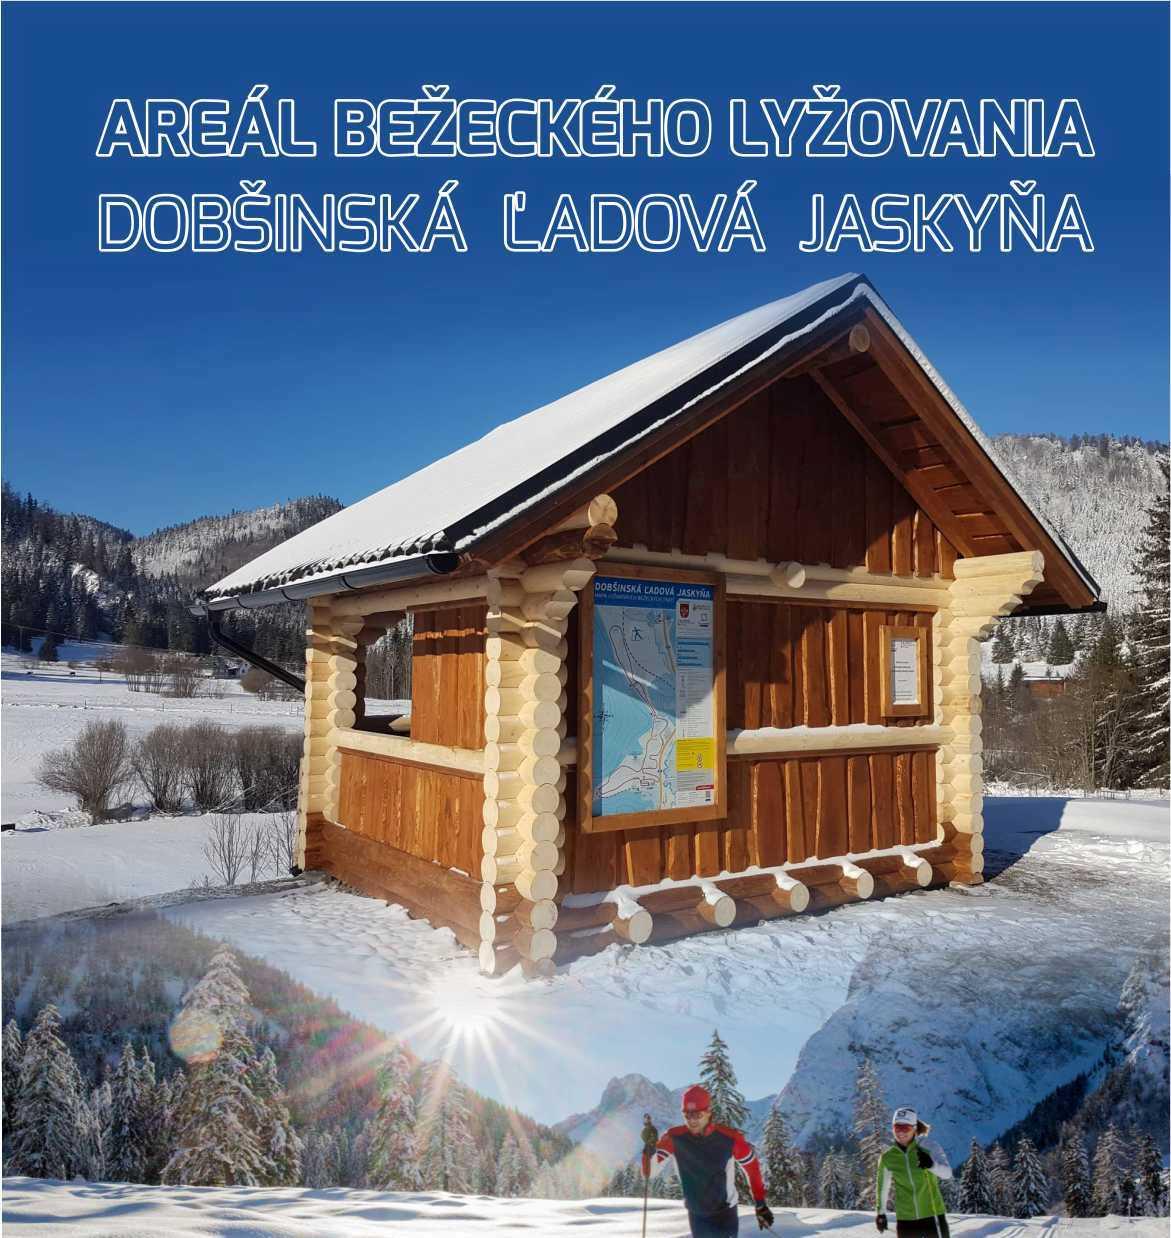 20190109104110_pozvanka_otvorenie_arealu_bezeckeho_lyzovania_dlj_vyrez.jpg